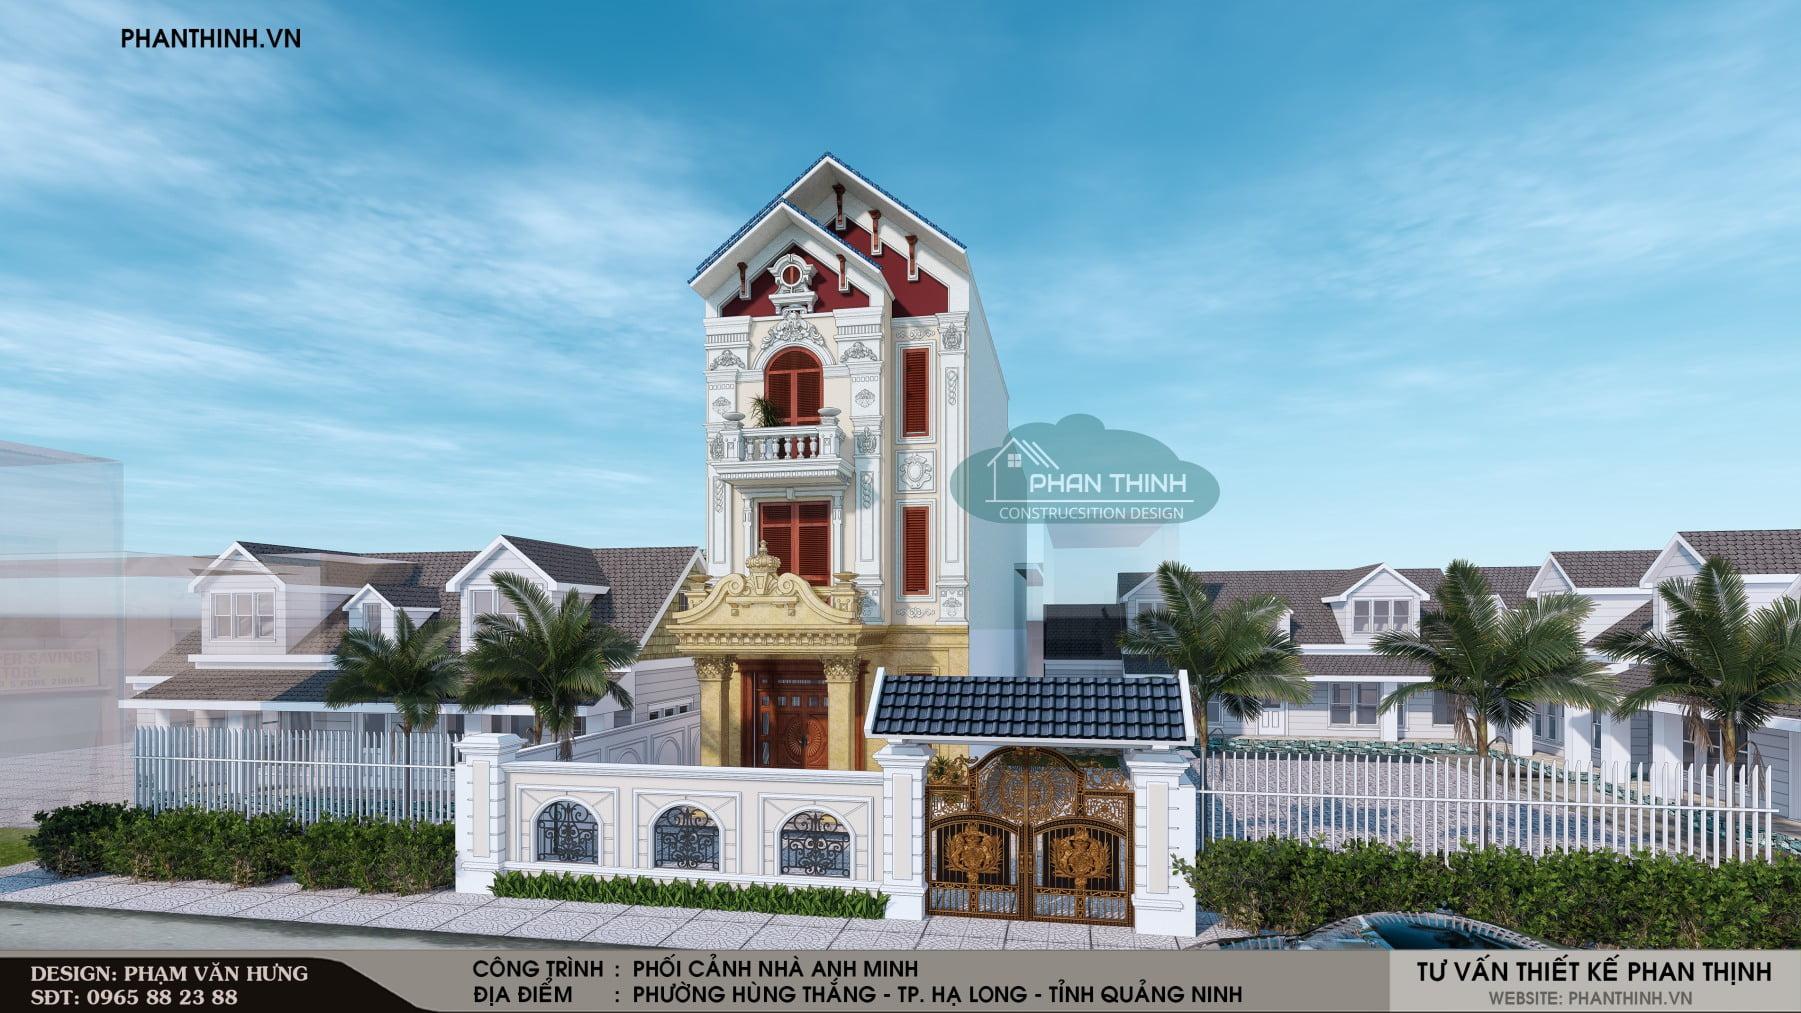 Ngôi biệt thự phong cách cổ điển đẹp tại Quảng Ninh